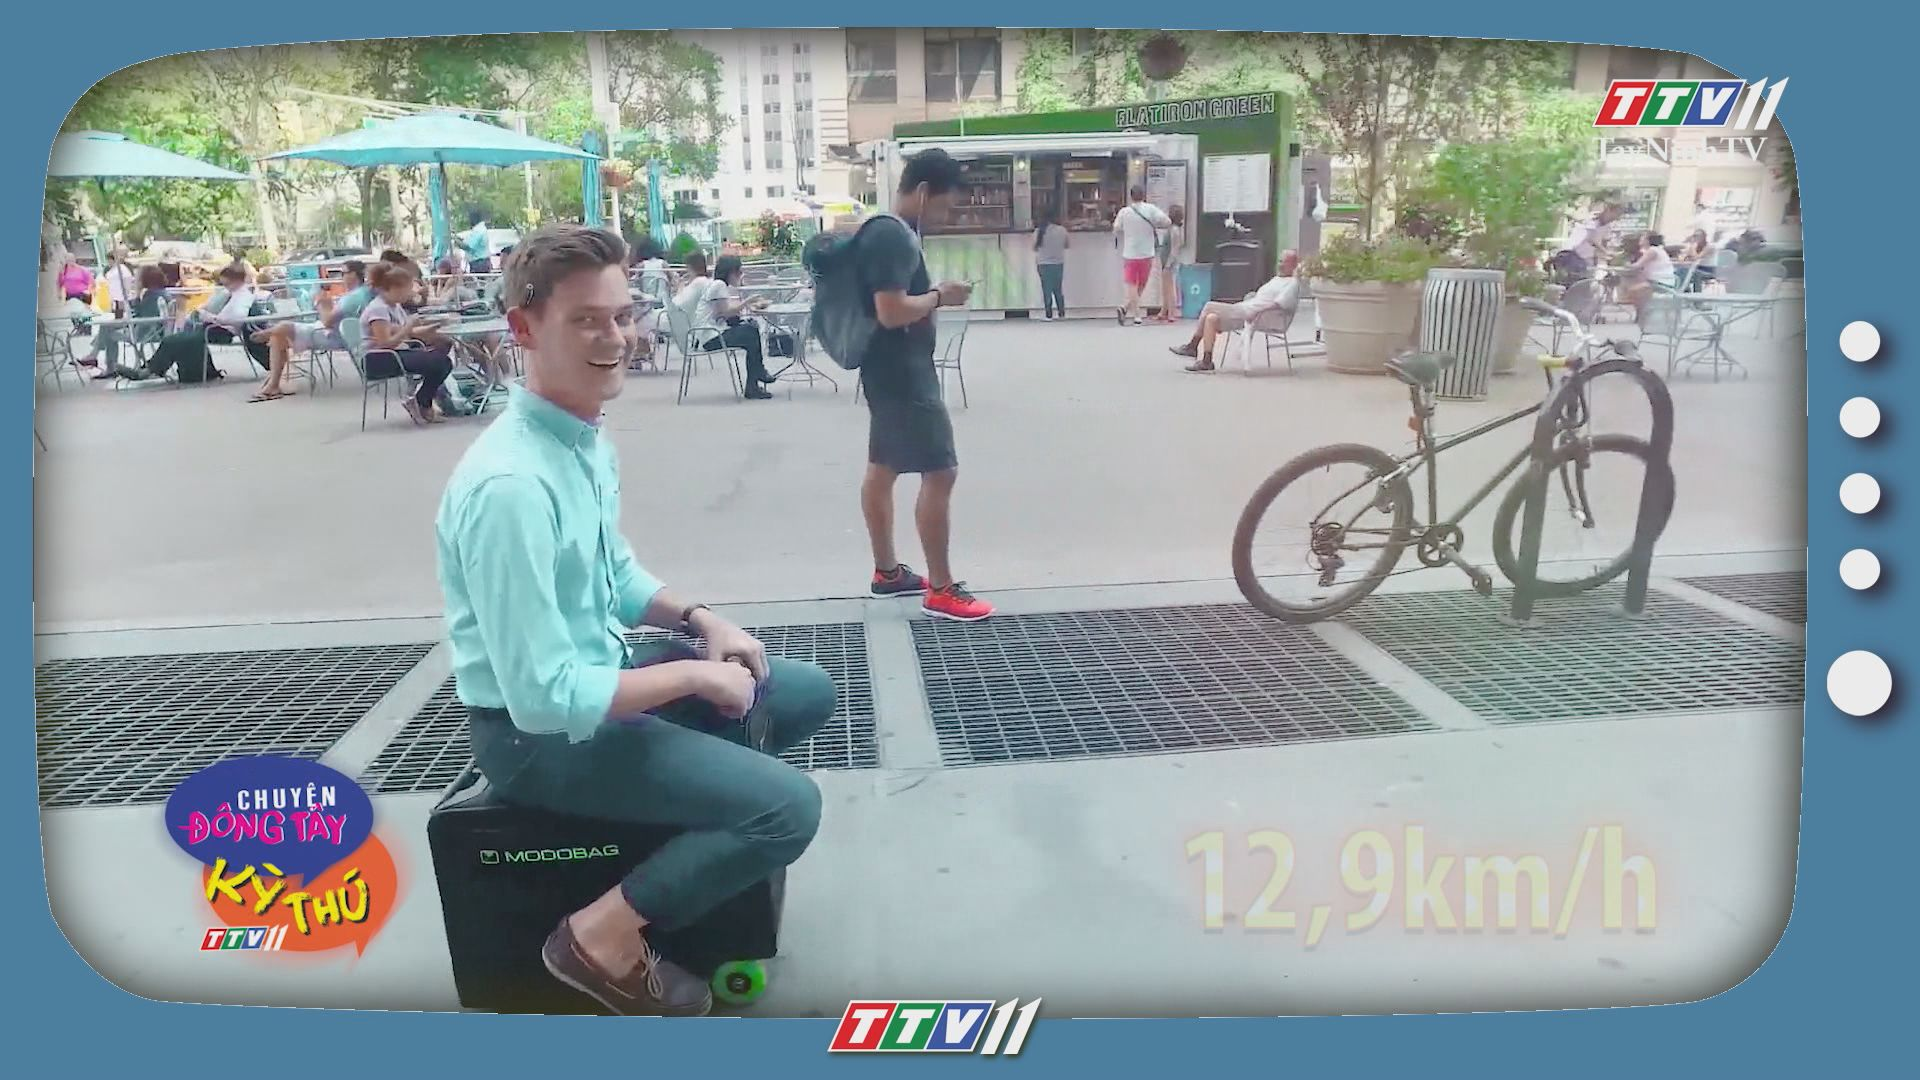 Chuyện Đông Tây Kỳ Thú 03-5-2020 | TayNinhTV